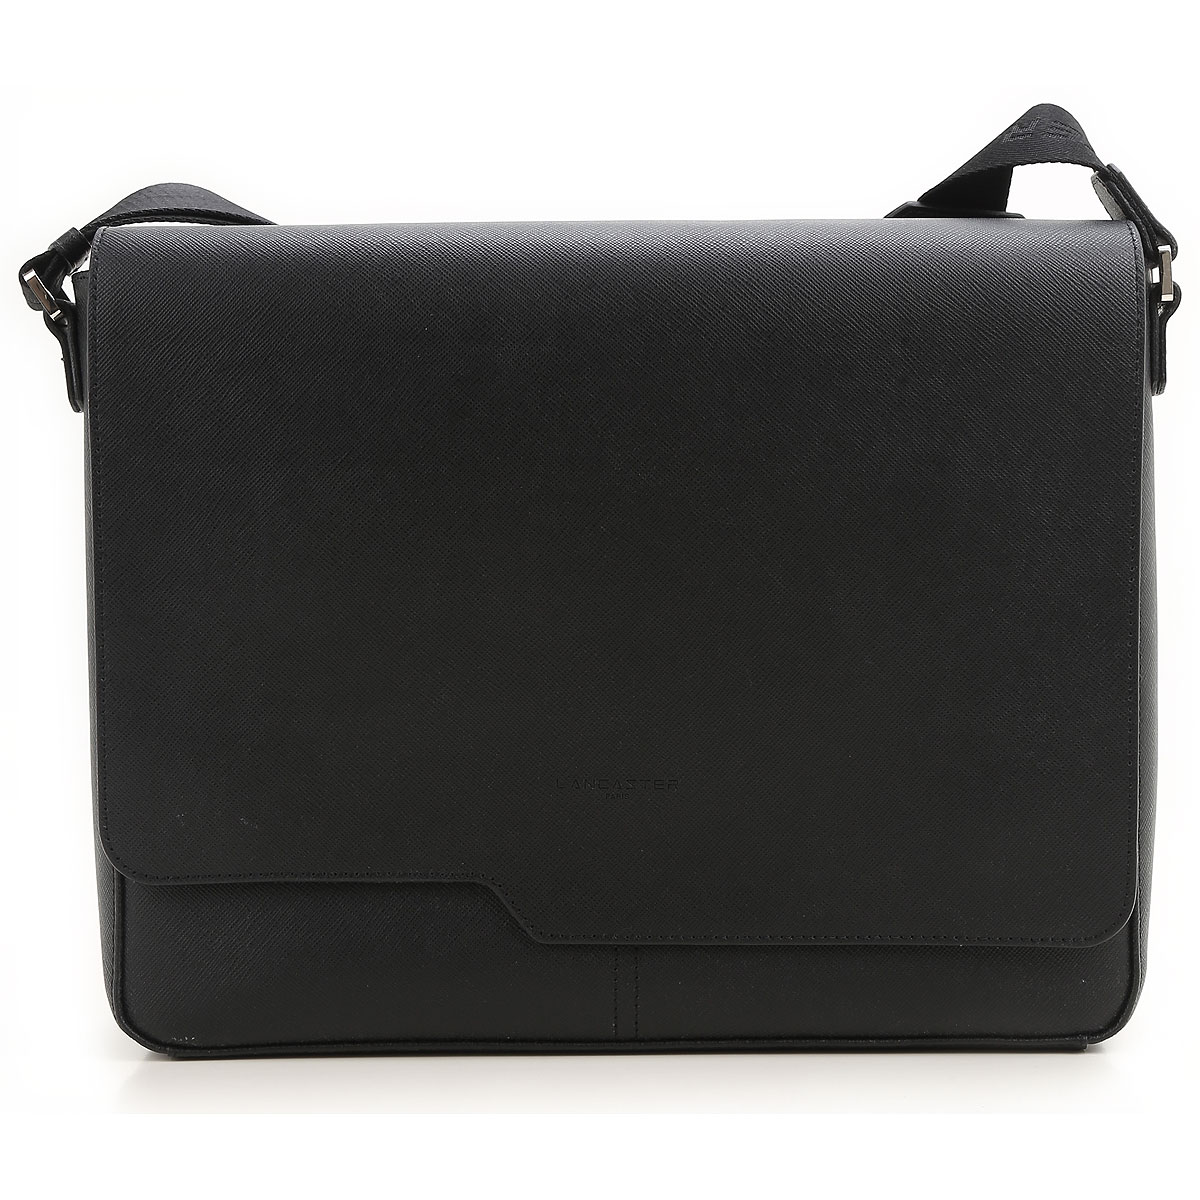 Image of Lancaster Briefcase for Men, Black, Leather, 2017